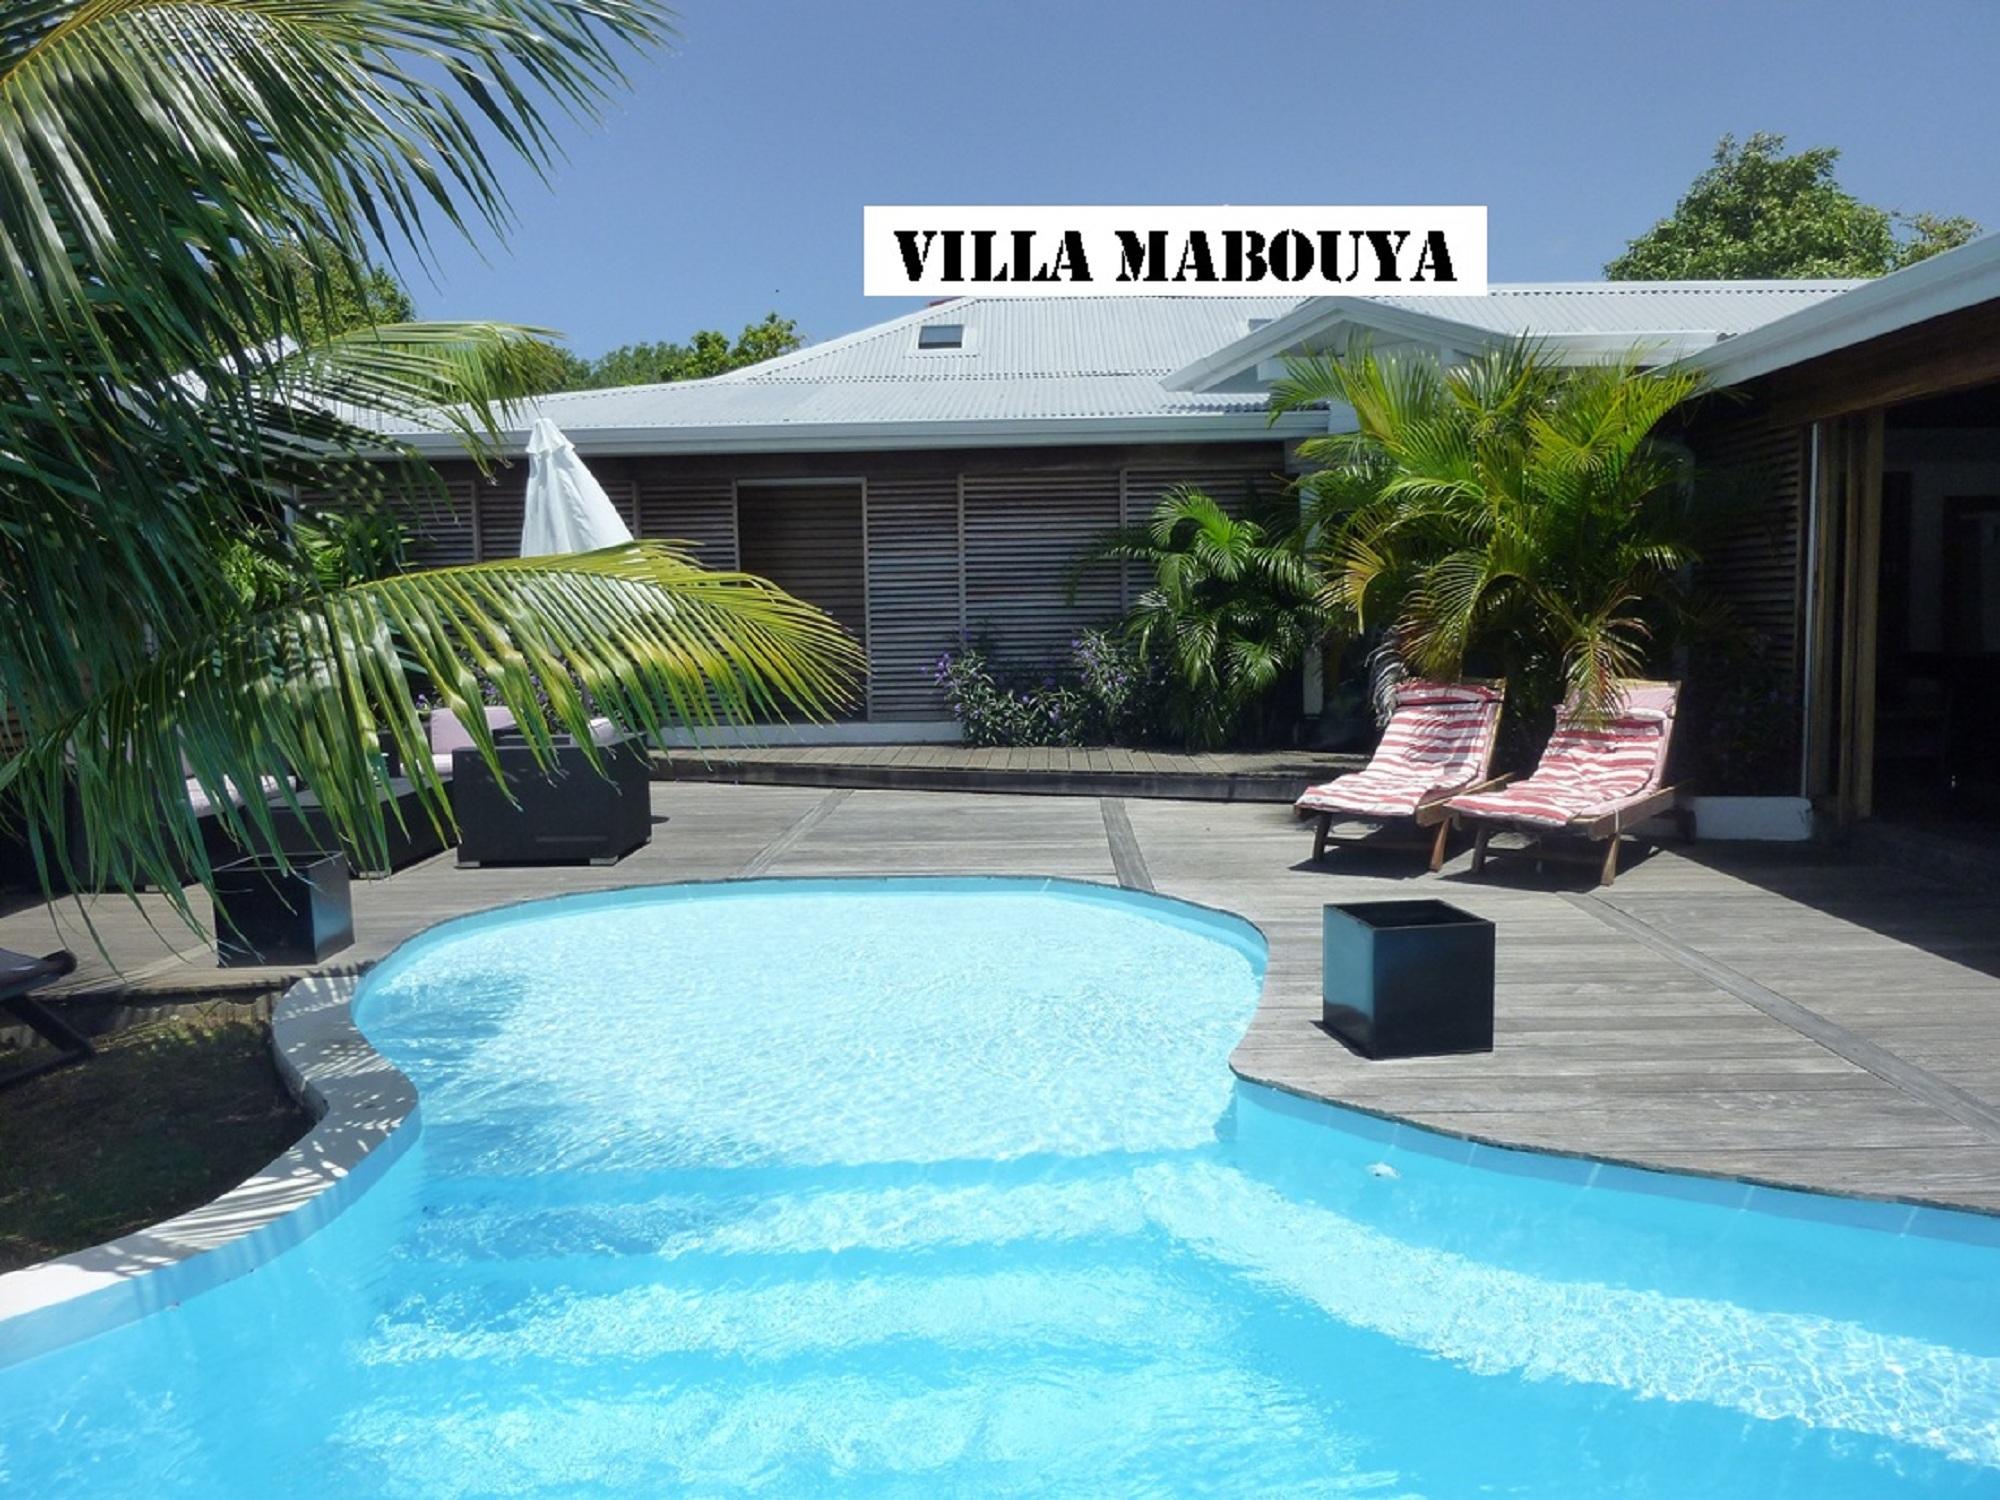 Villa Mabouya 250m2